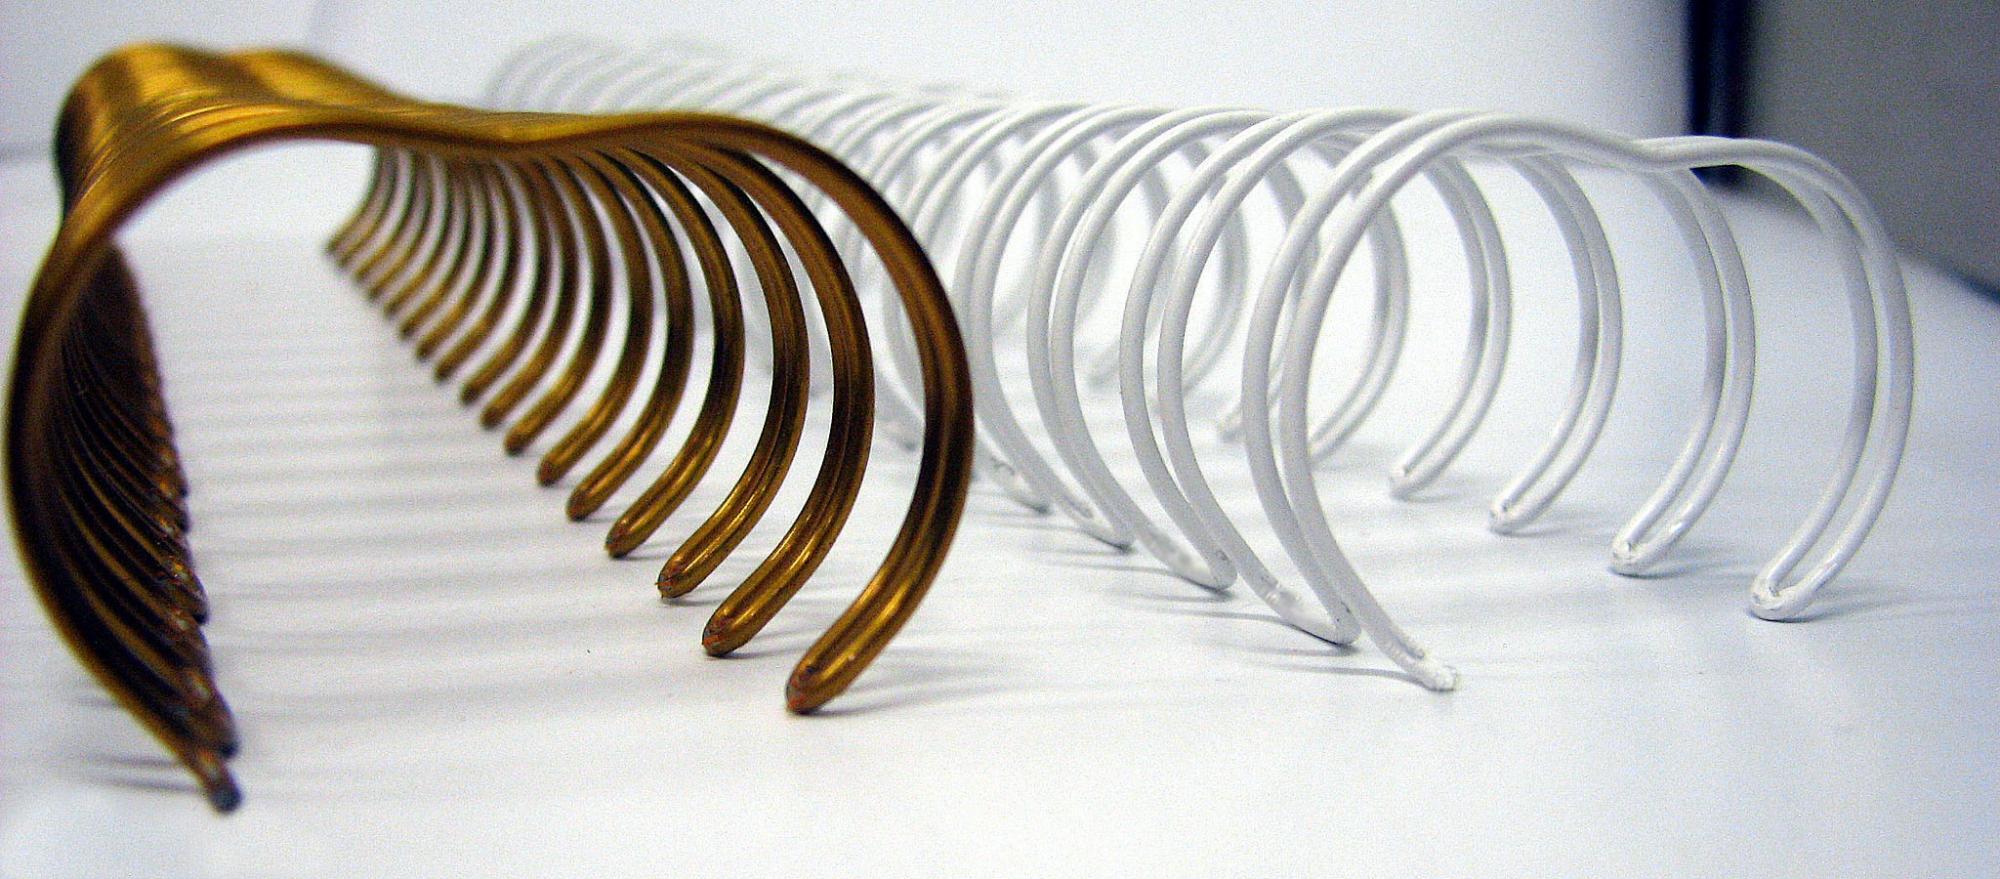 Пружина металлическая в нарезке